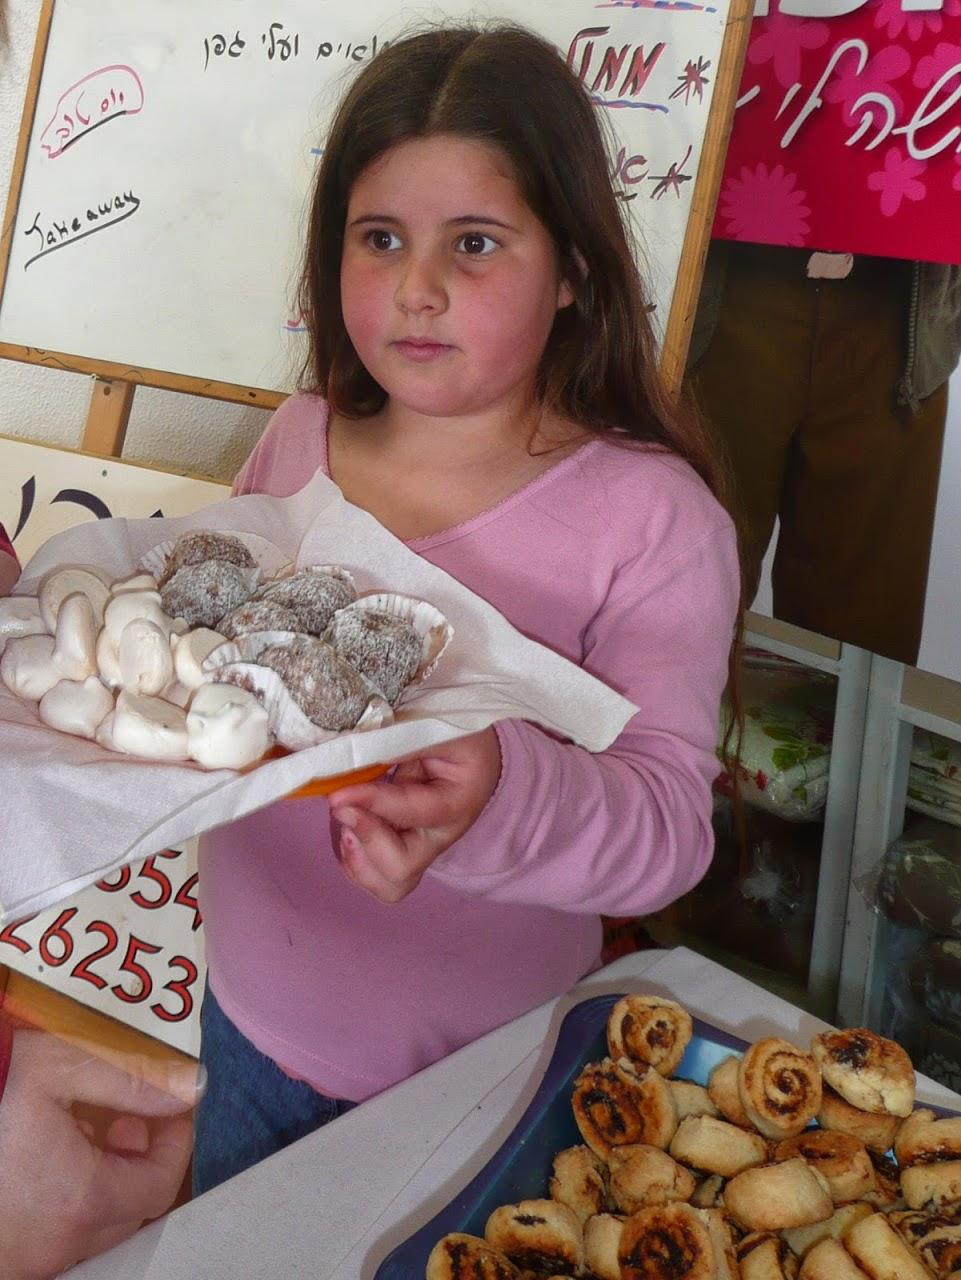 Kamkha DePaskha sale, 2009  - 2009-03-27 12.03.30.jpg